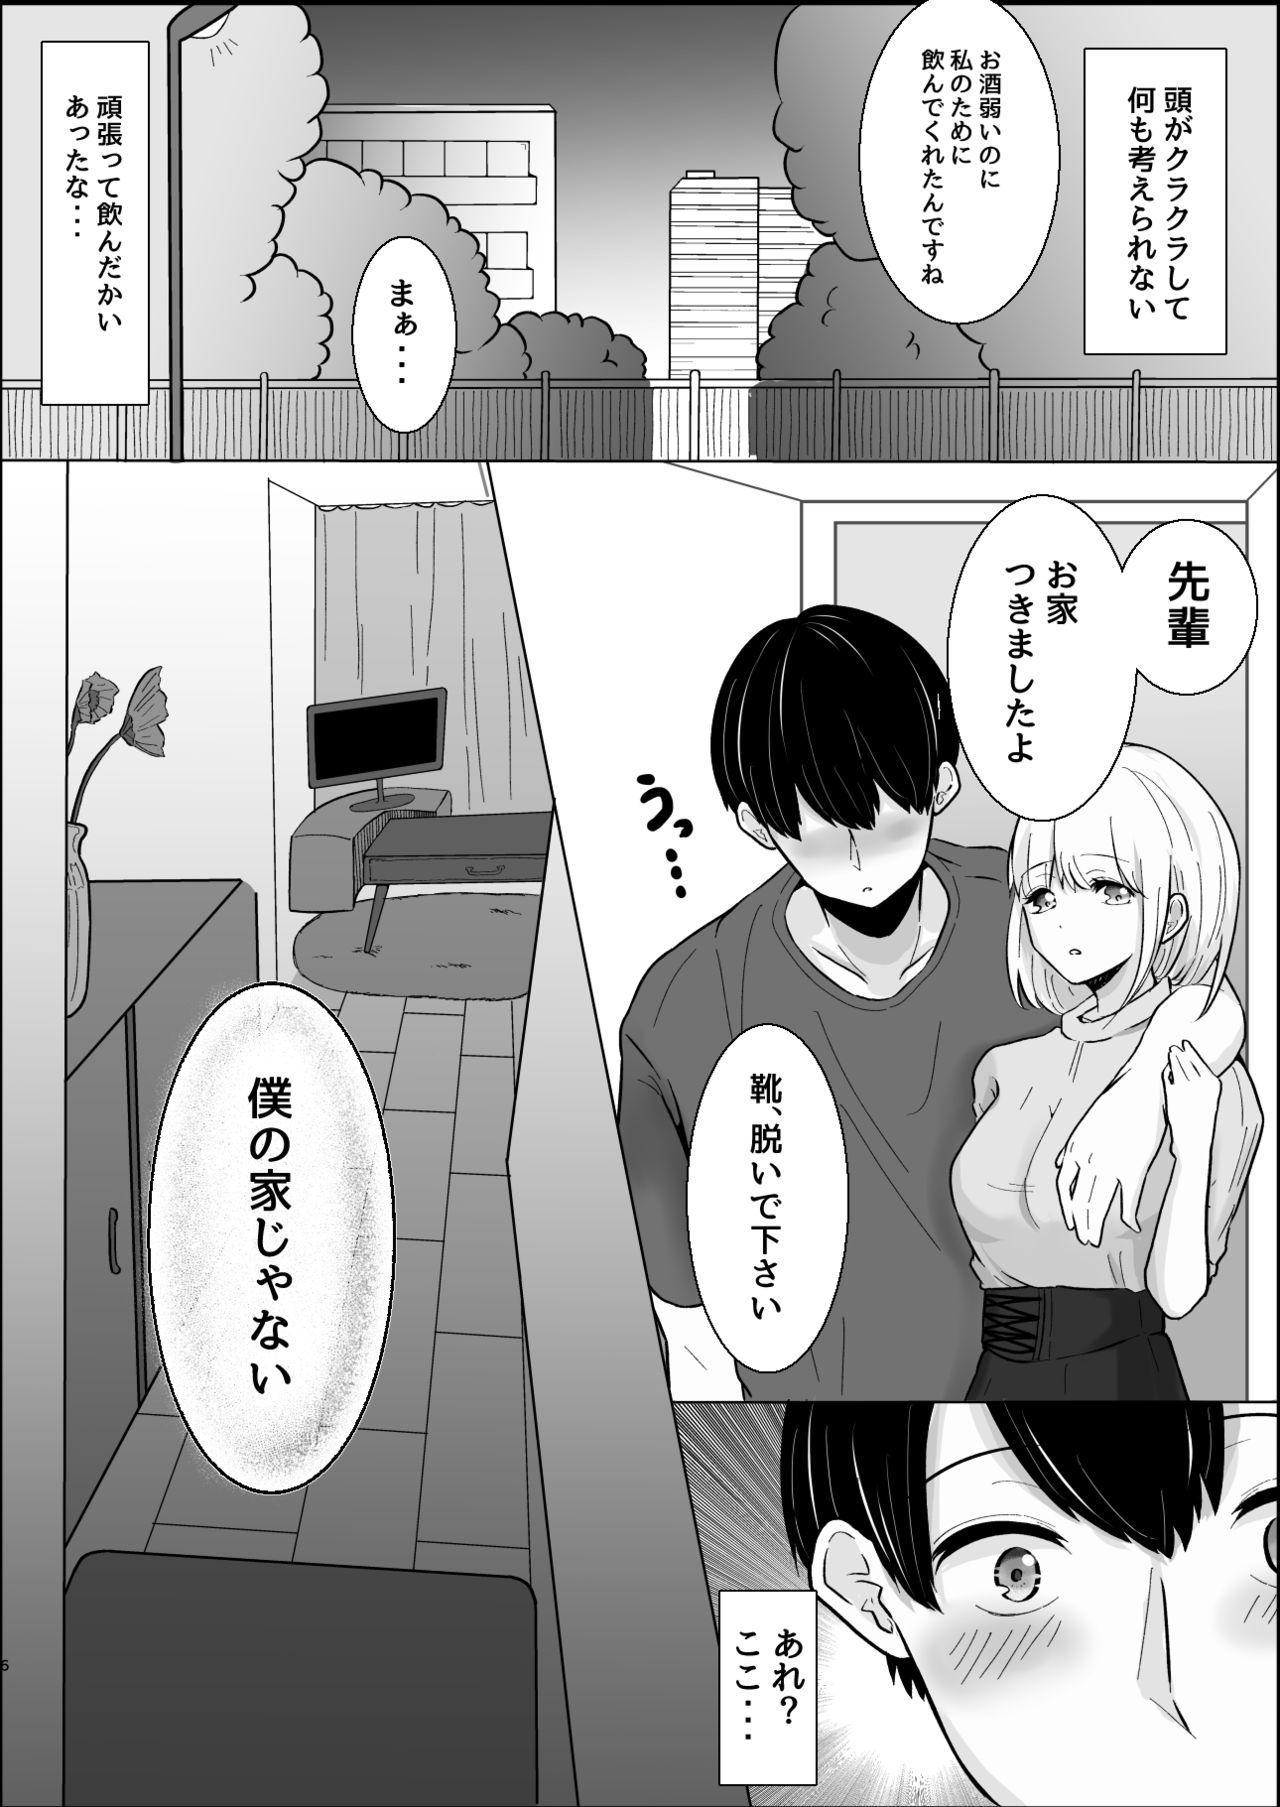 大人しい後輩に攻められイキ狂う話 6